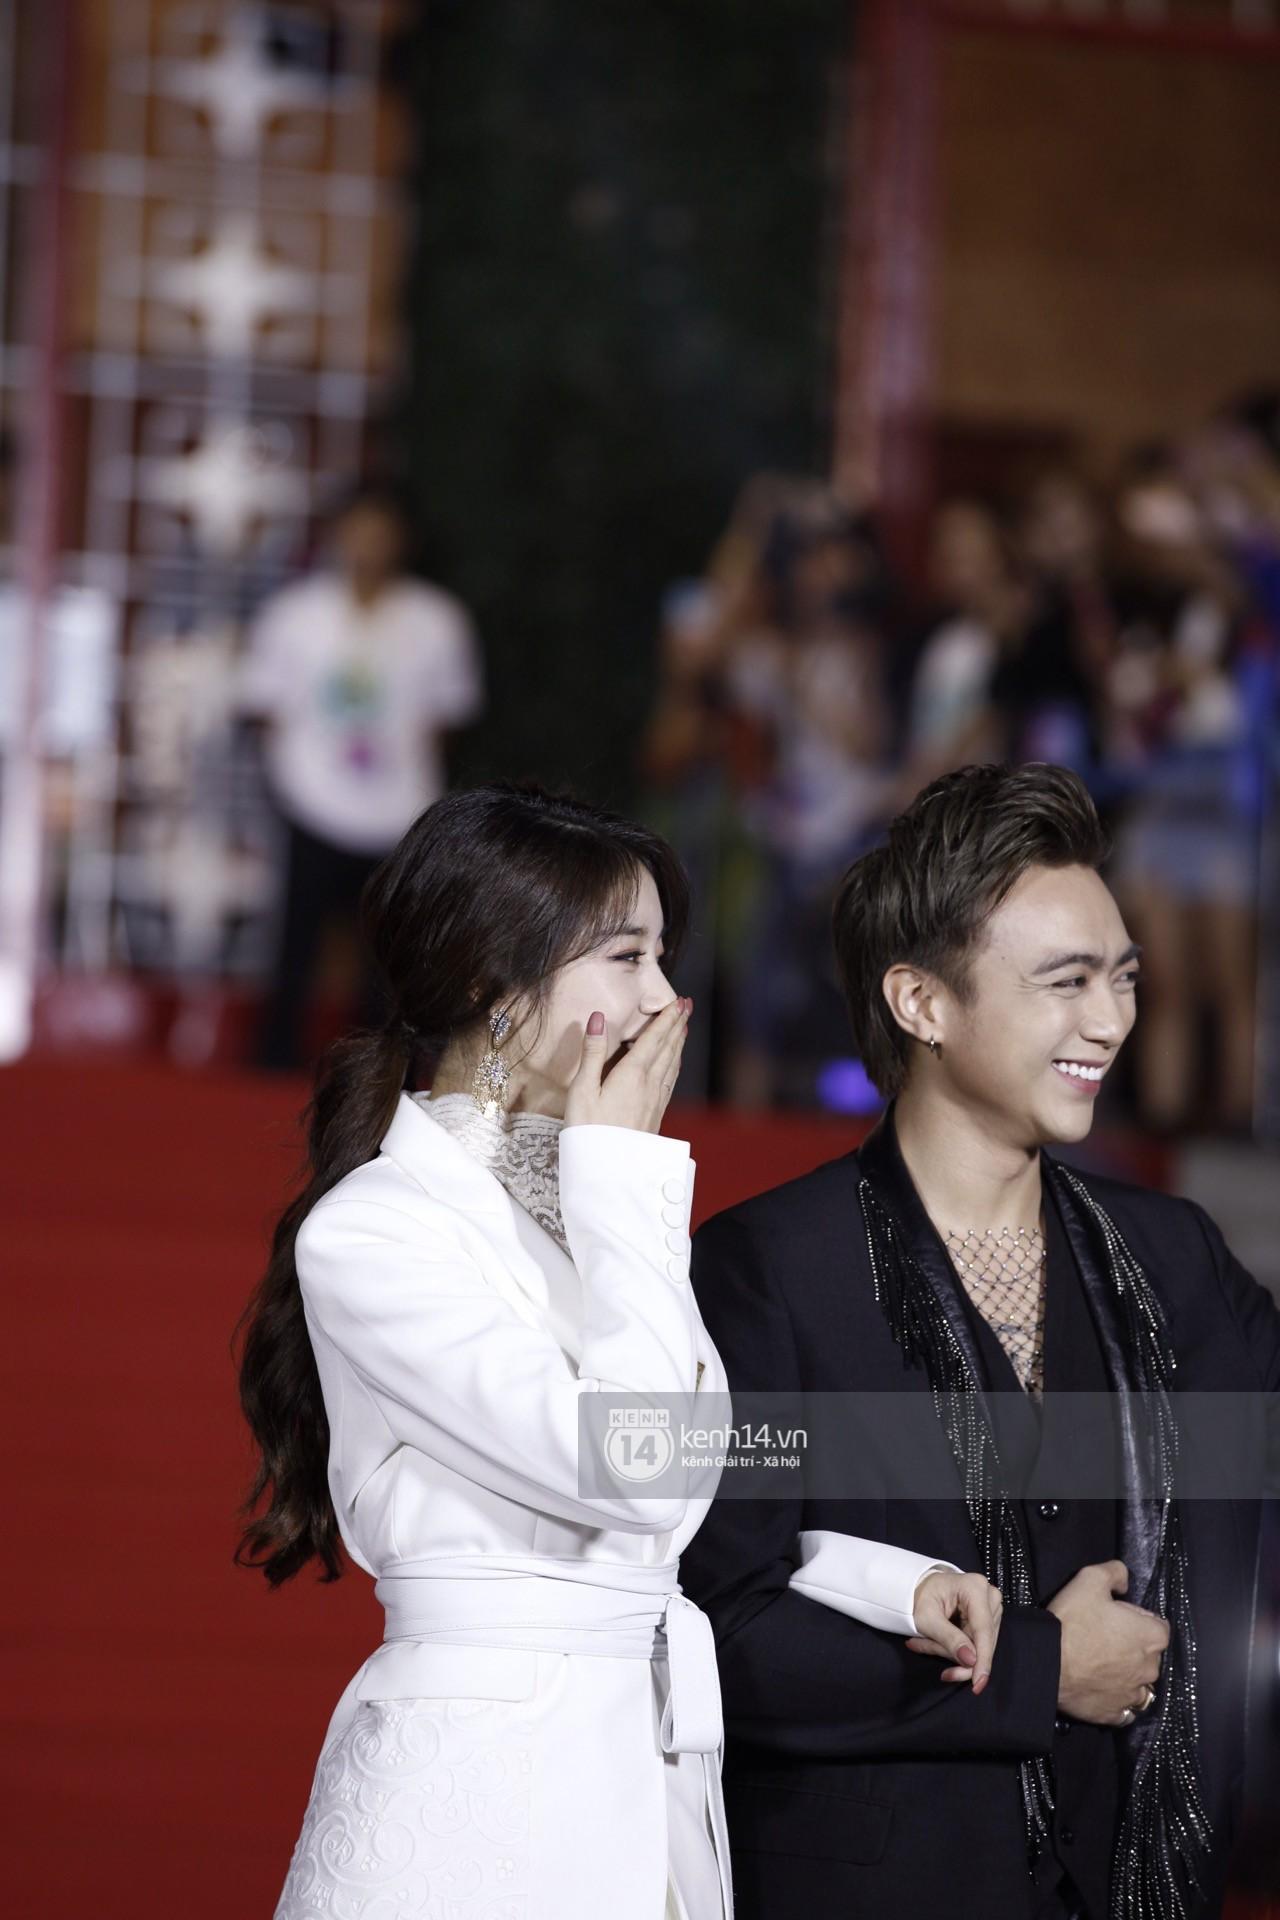 Soobin Hoàng Sơn sánh đôi cùng Jiyeon (T-ara), nhưng chiếc cằm của anh mới là điều đáng chú ý! - Ảnh 3.